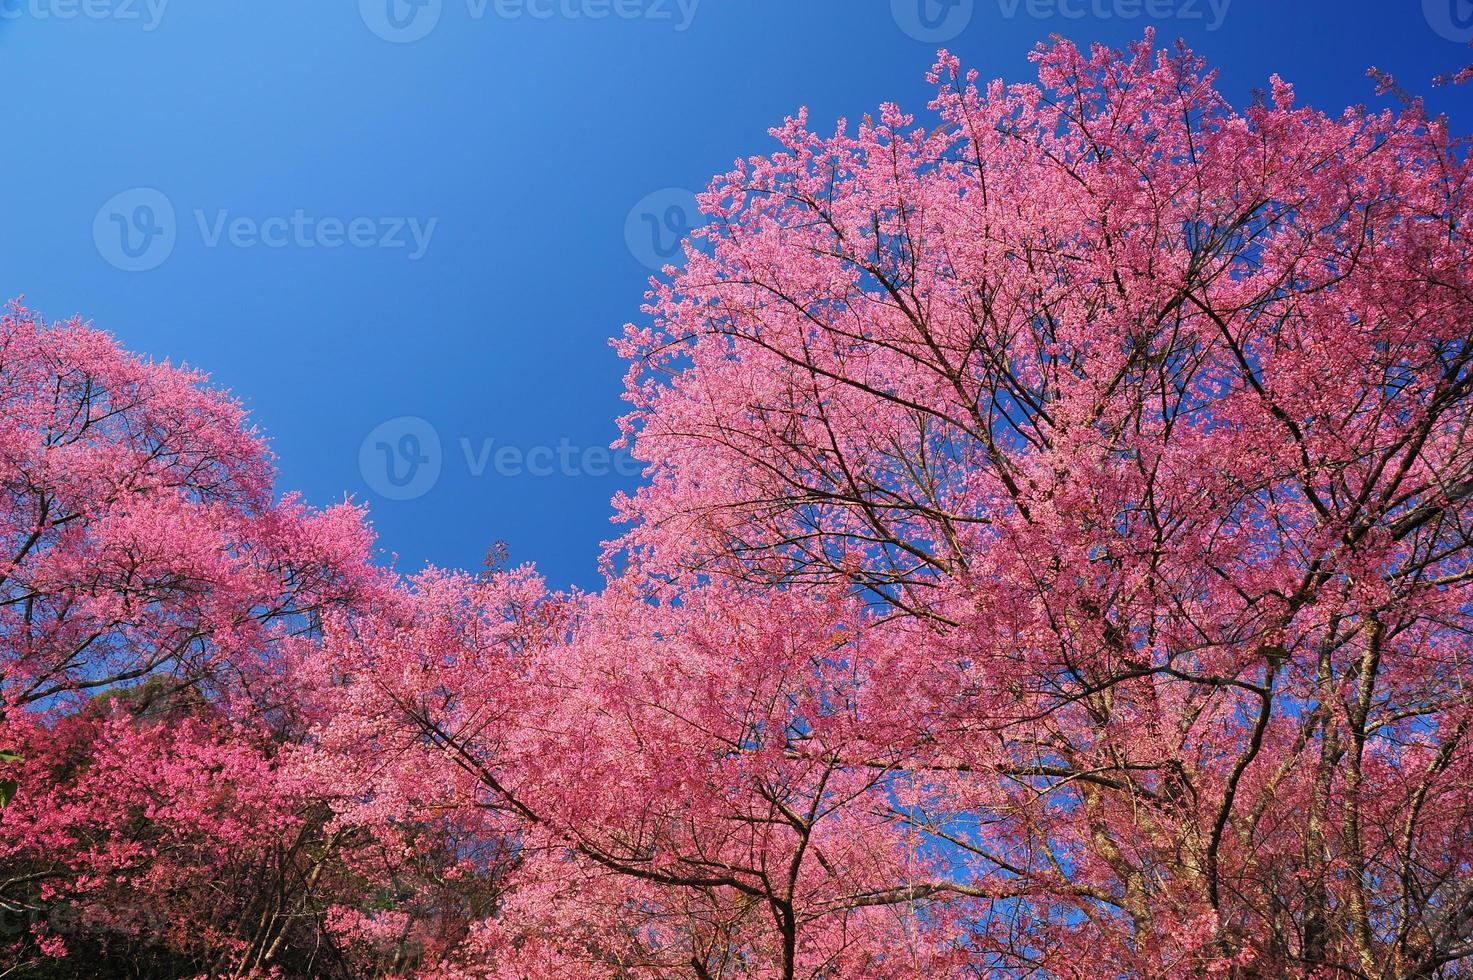 vårkörsbärsblommor med bakgrund för blå himmel foto